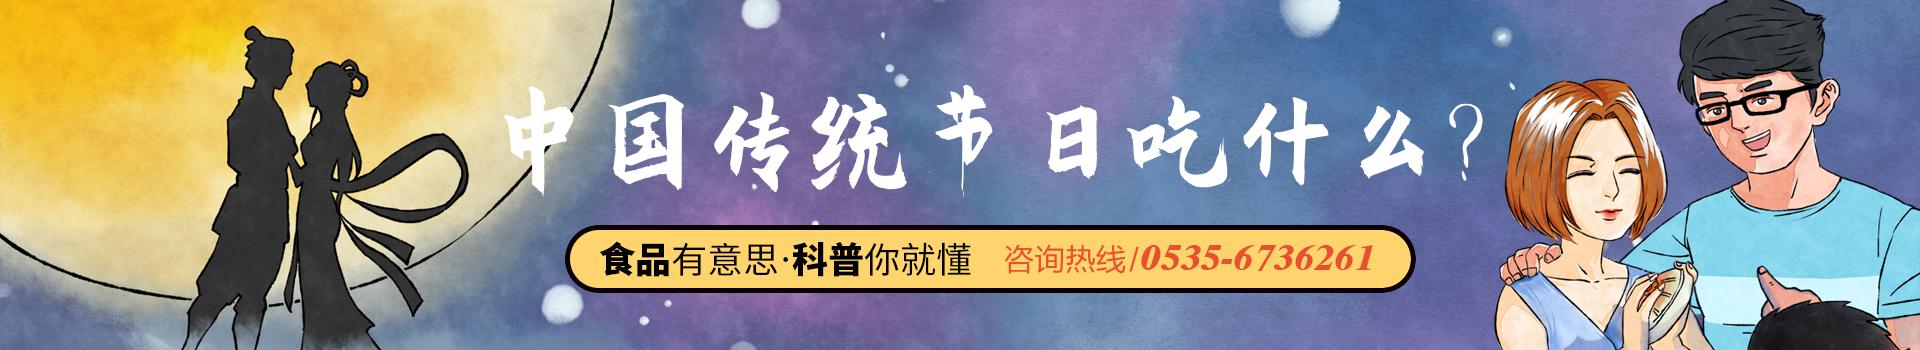 中国传统节日与美食海报